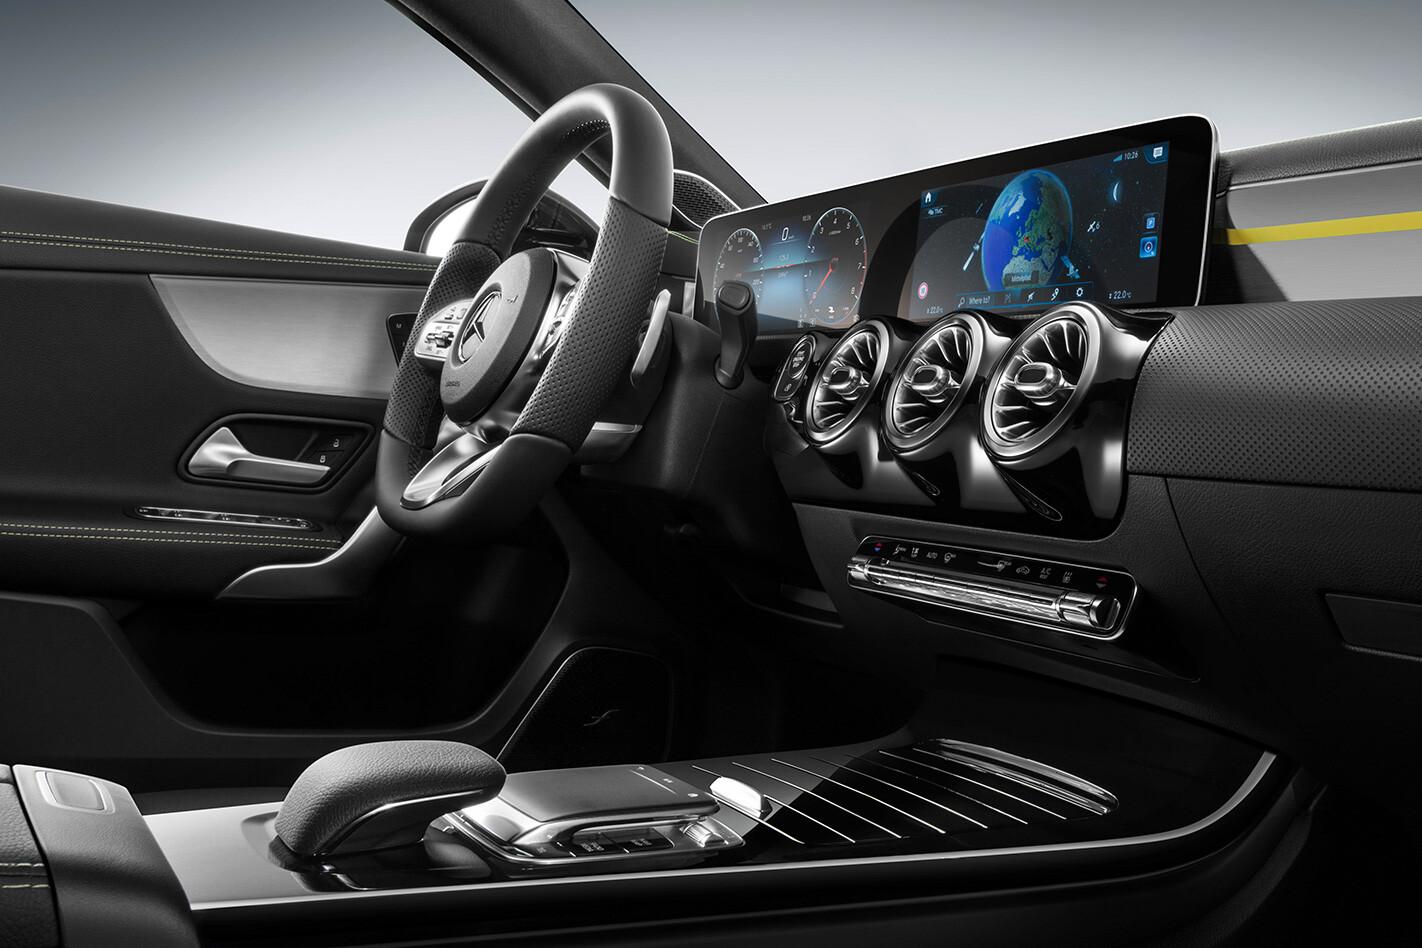 2018 Mercedes-Benz A-class electronics